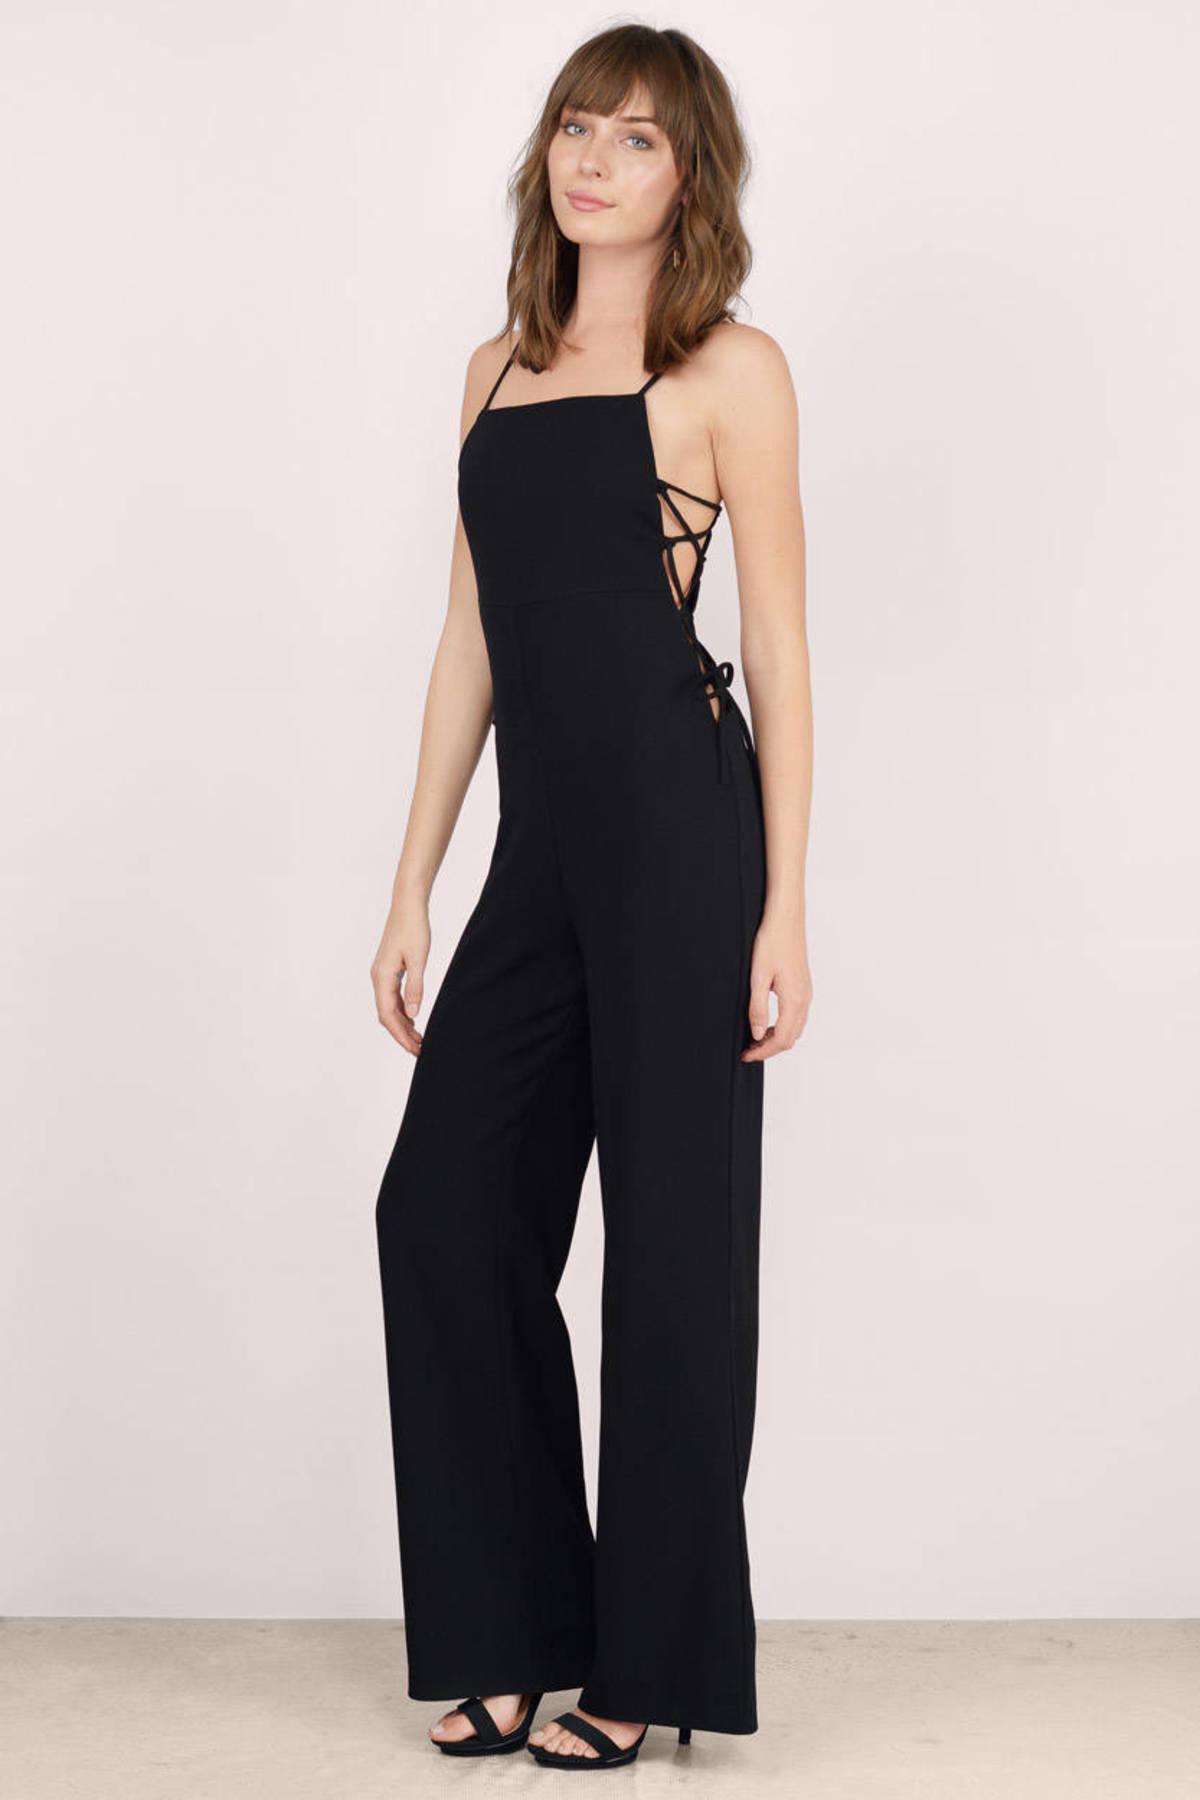 Black Jumpsuit - Black Jumpsuit - Wide Leg Jumpsuit - $15.00